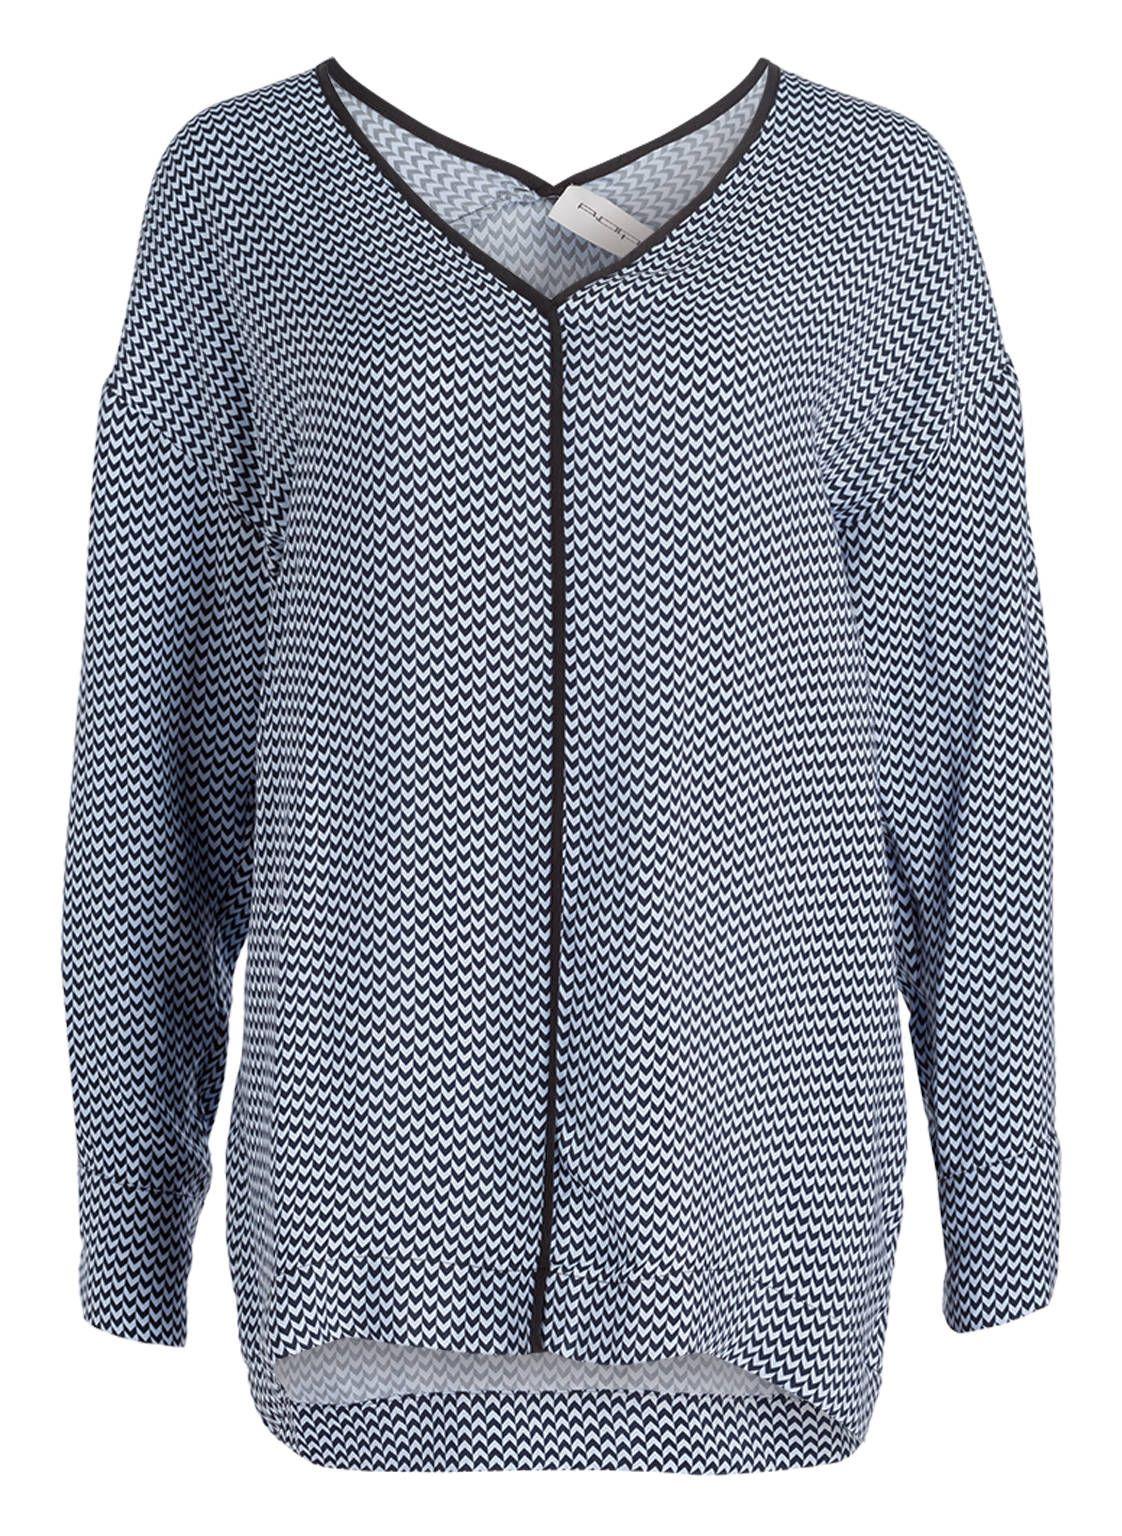 Bluse von ROQA bei Breuninger kaufen